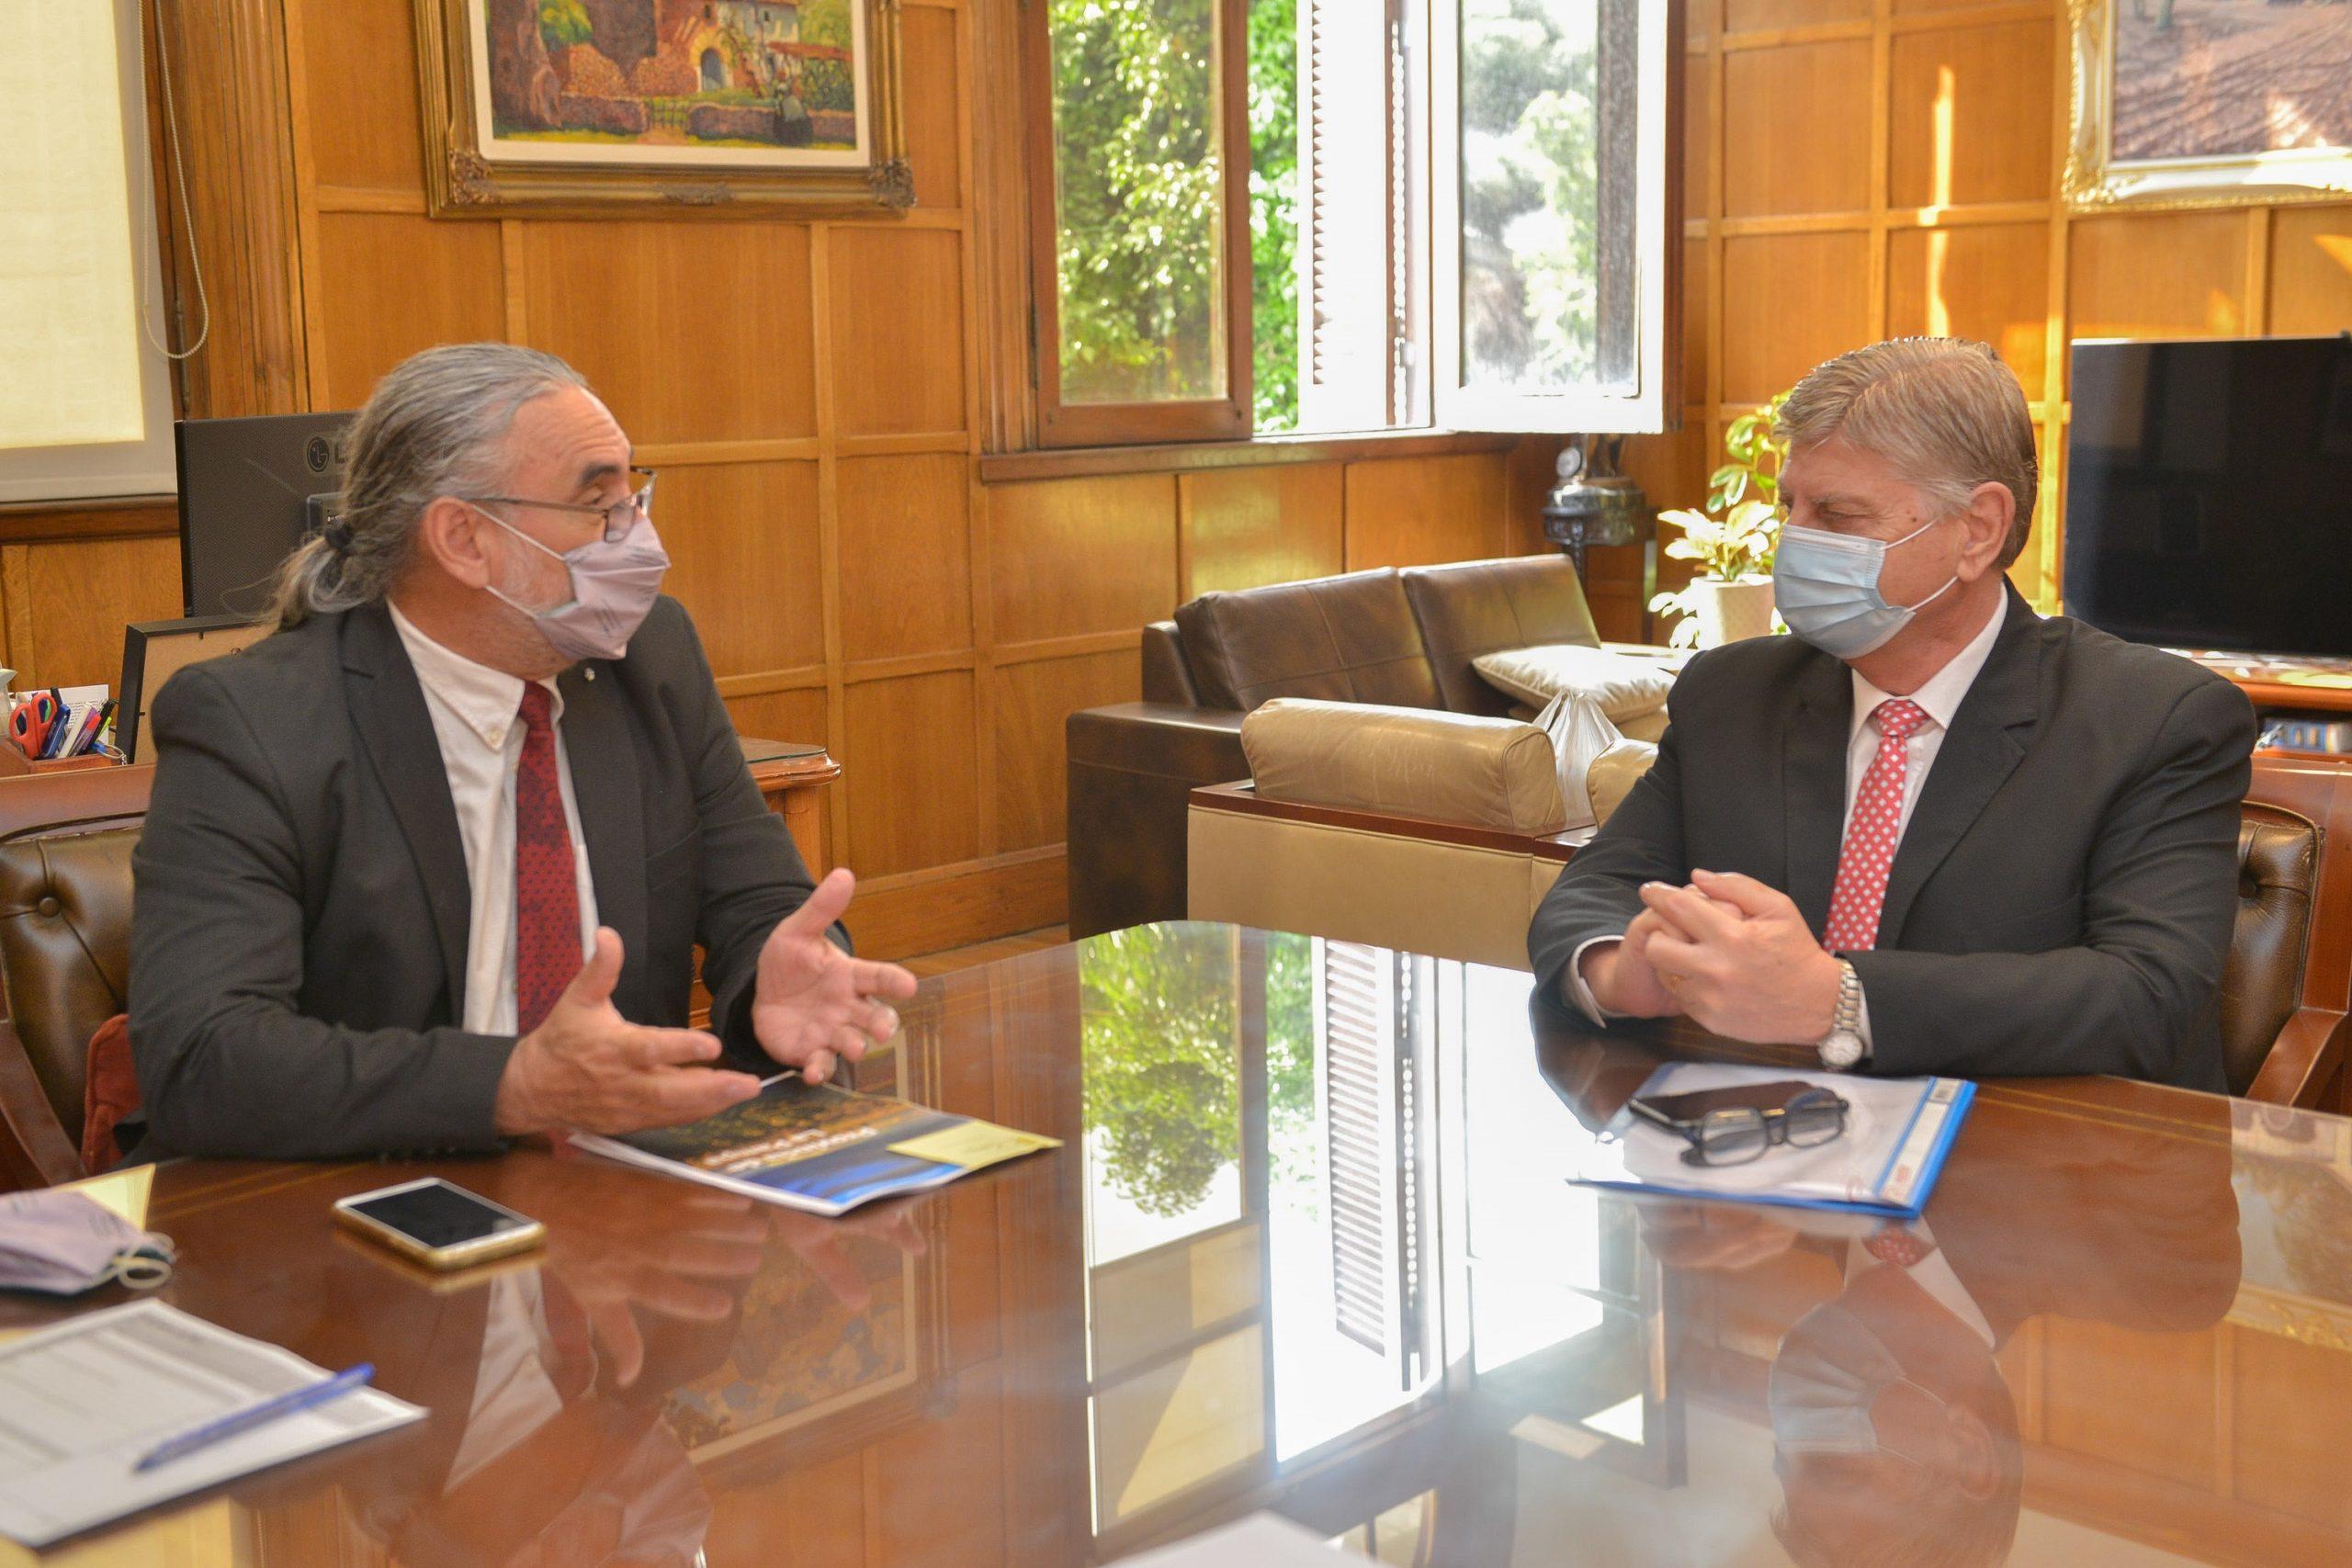 Ziliotto se reunió con el Ministro de Agricultura de Nación para favorecer la economía de la región a través de la producción ganadera